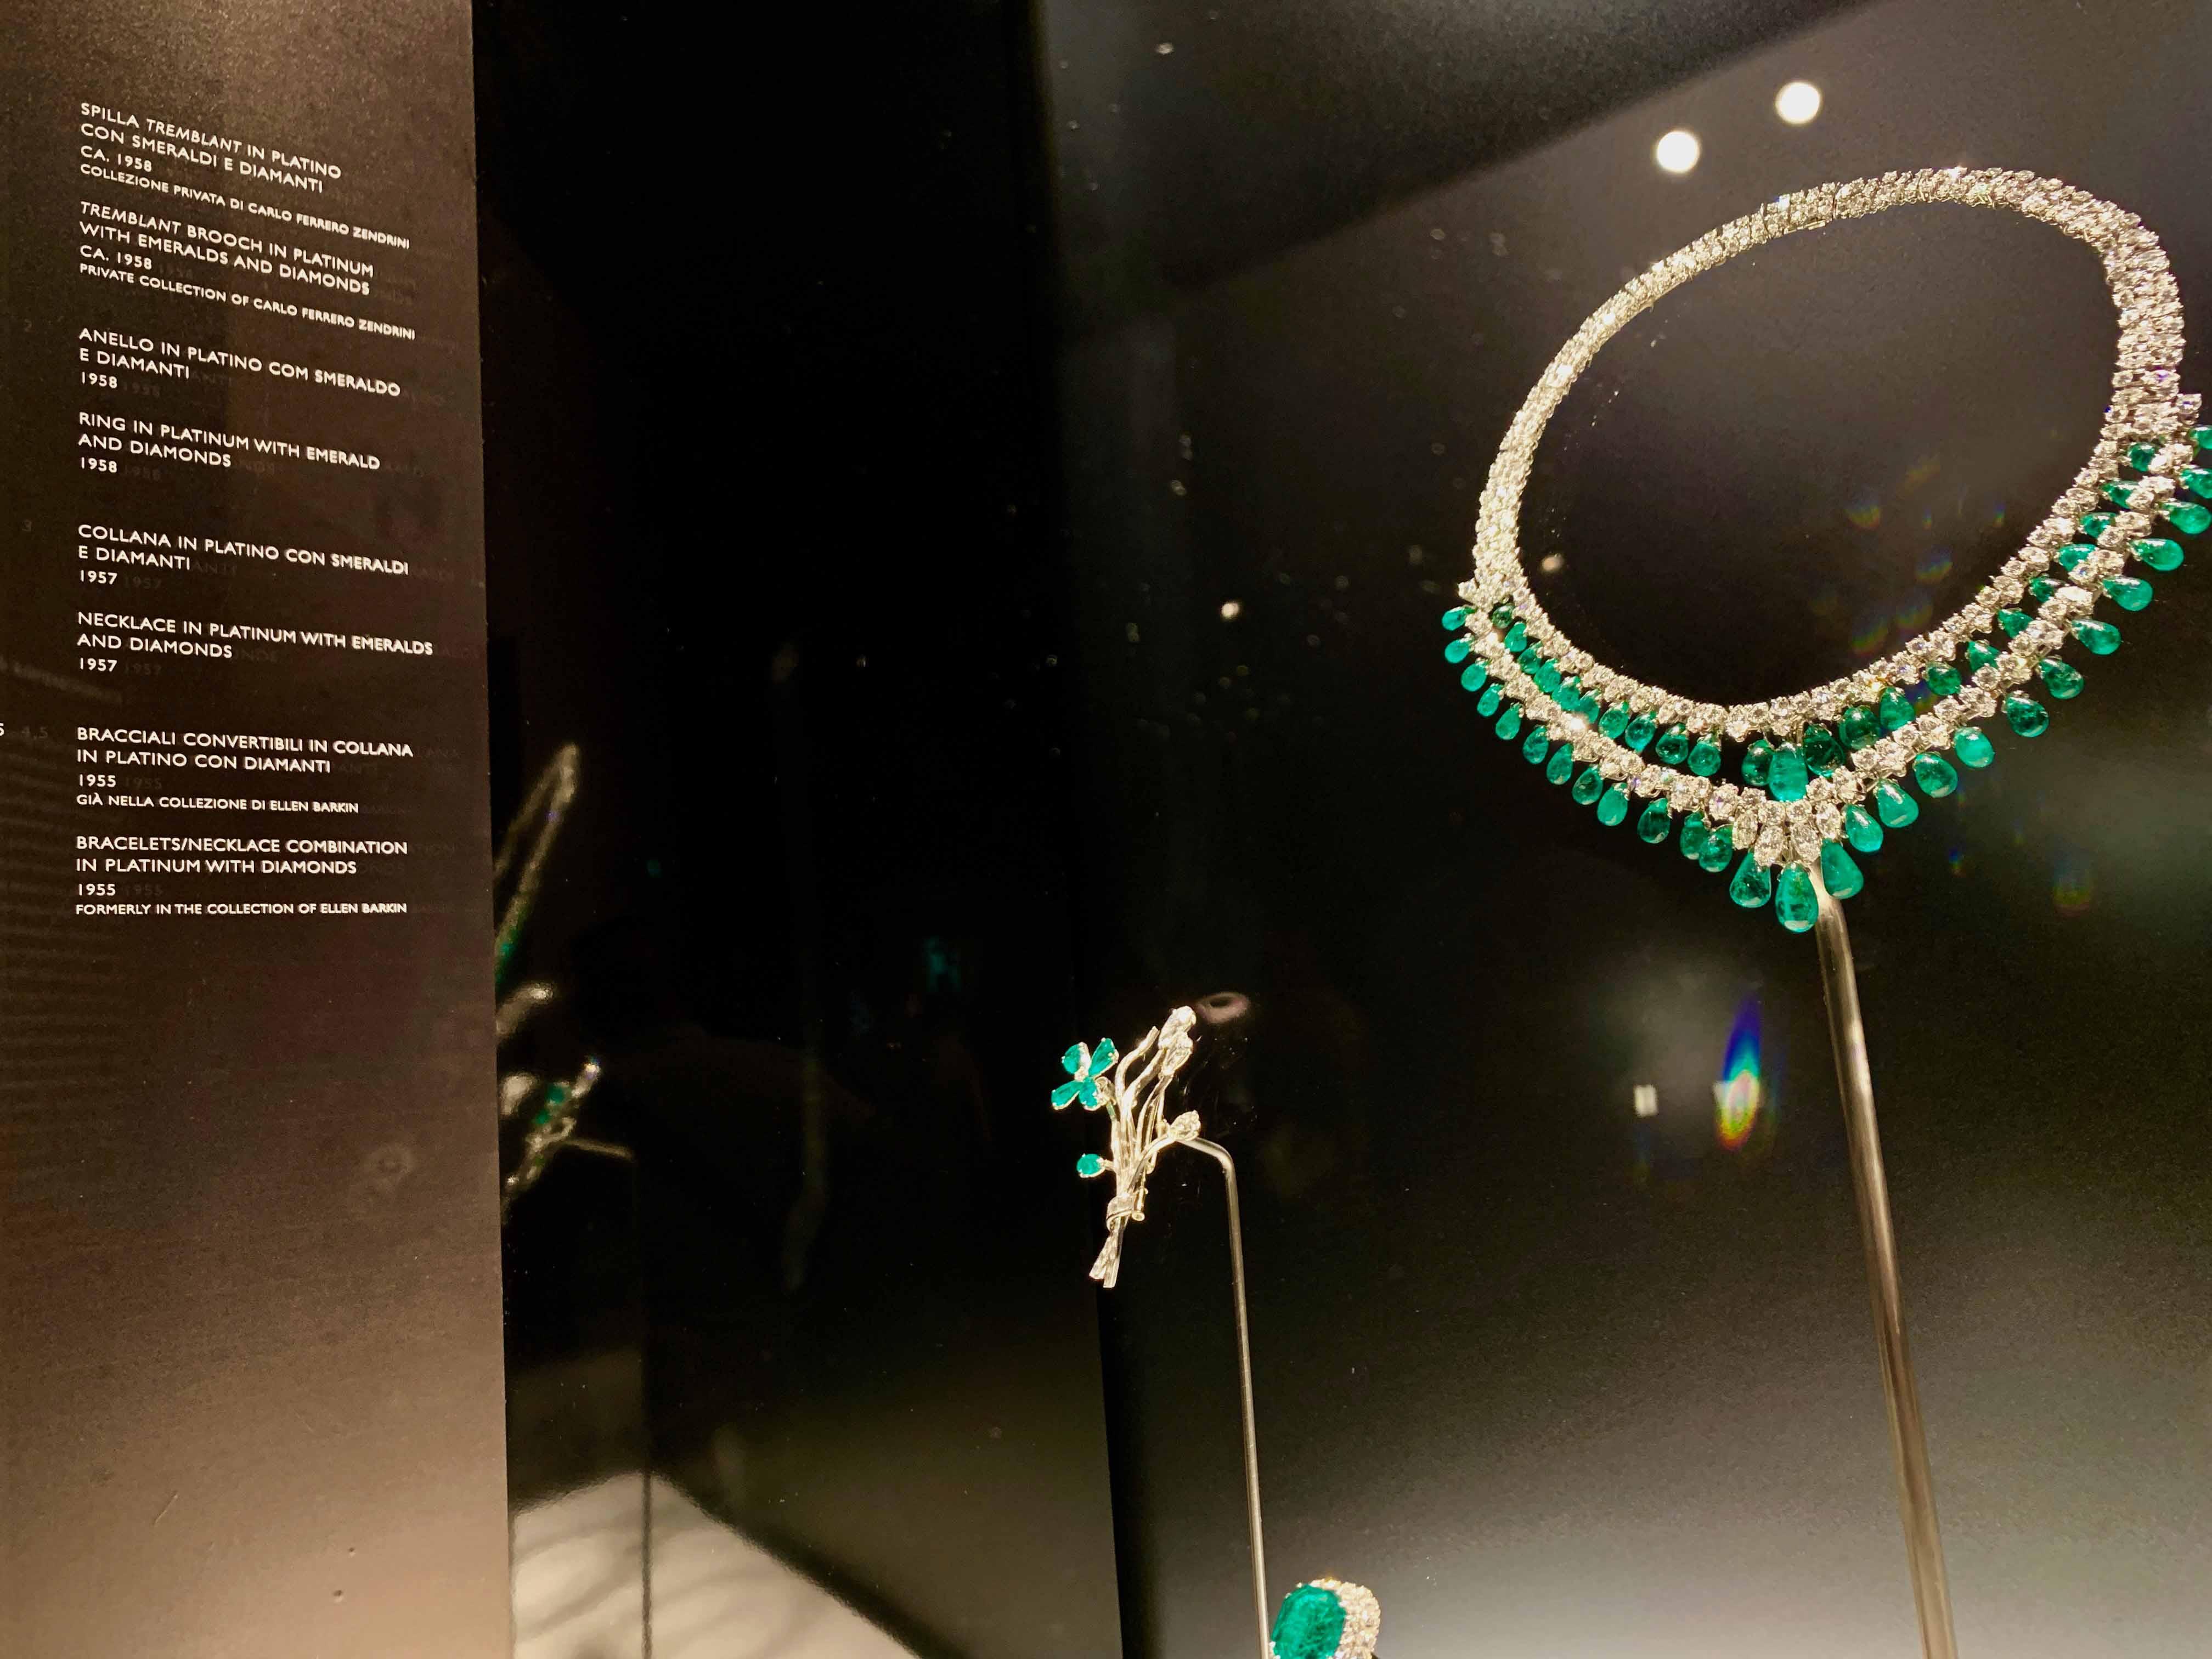 エリザベス・テイラー、イングリッド・バーグマン、オードリー・ヘップバーンなどが所有していたブルガリのジュエリーなども展示